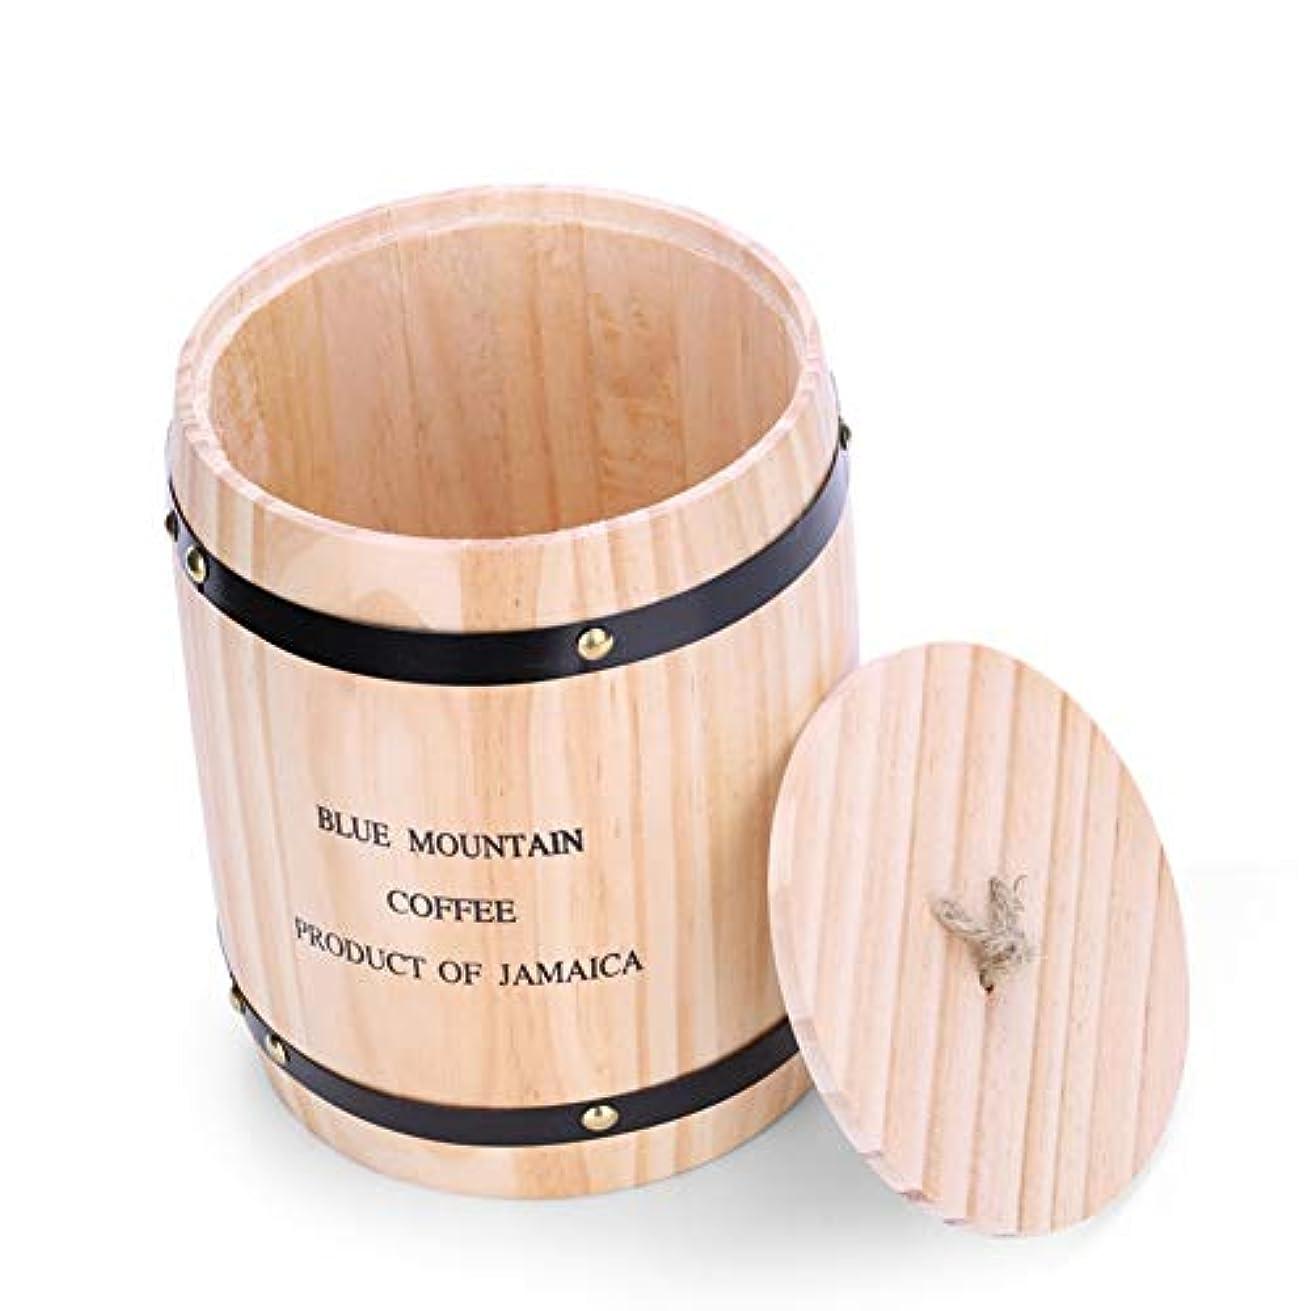 ベーカリー行休暇コーヒー豆貯蔵タンクウッド香バレルコーヒーショップ装飾コンテナ